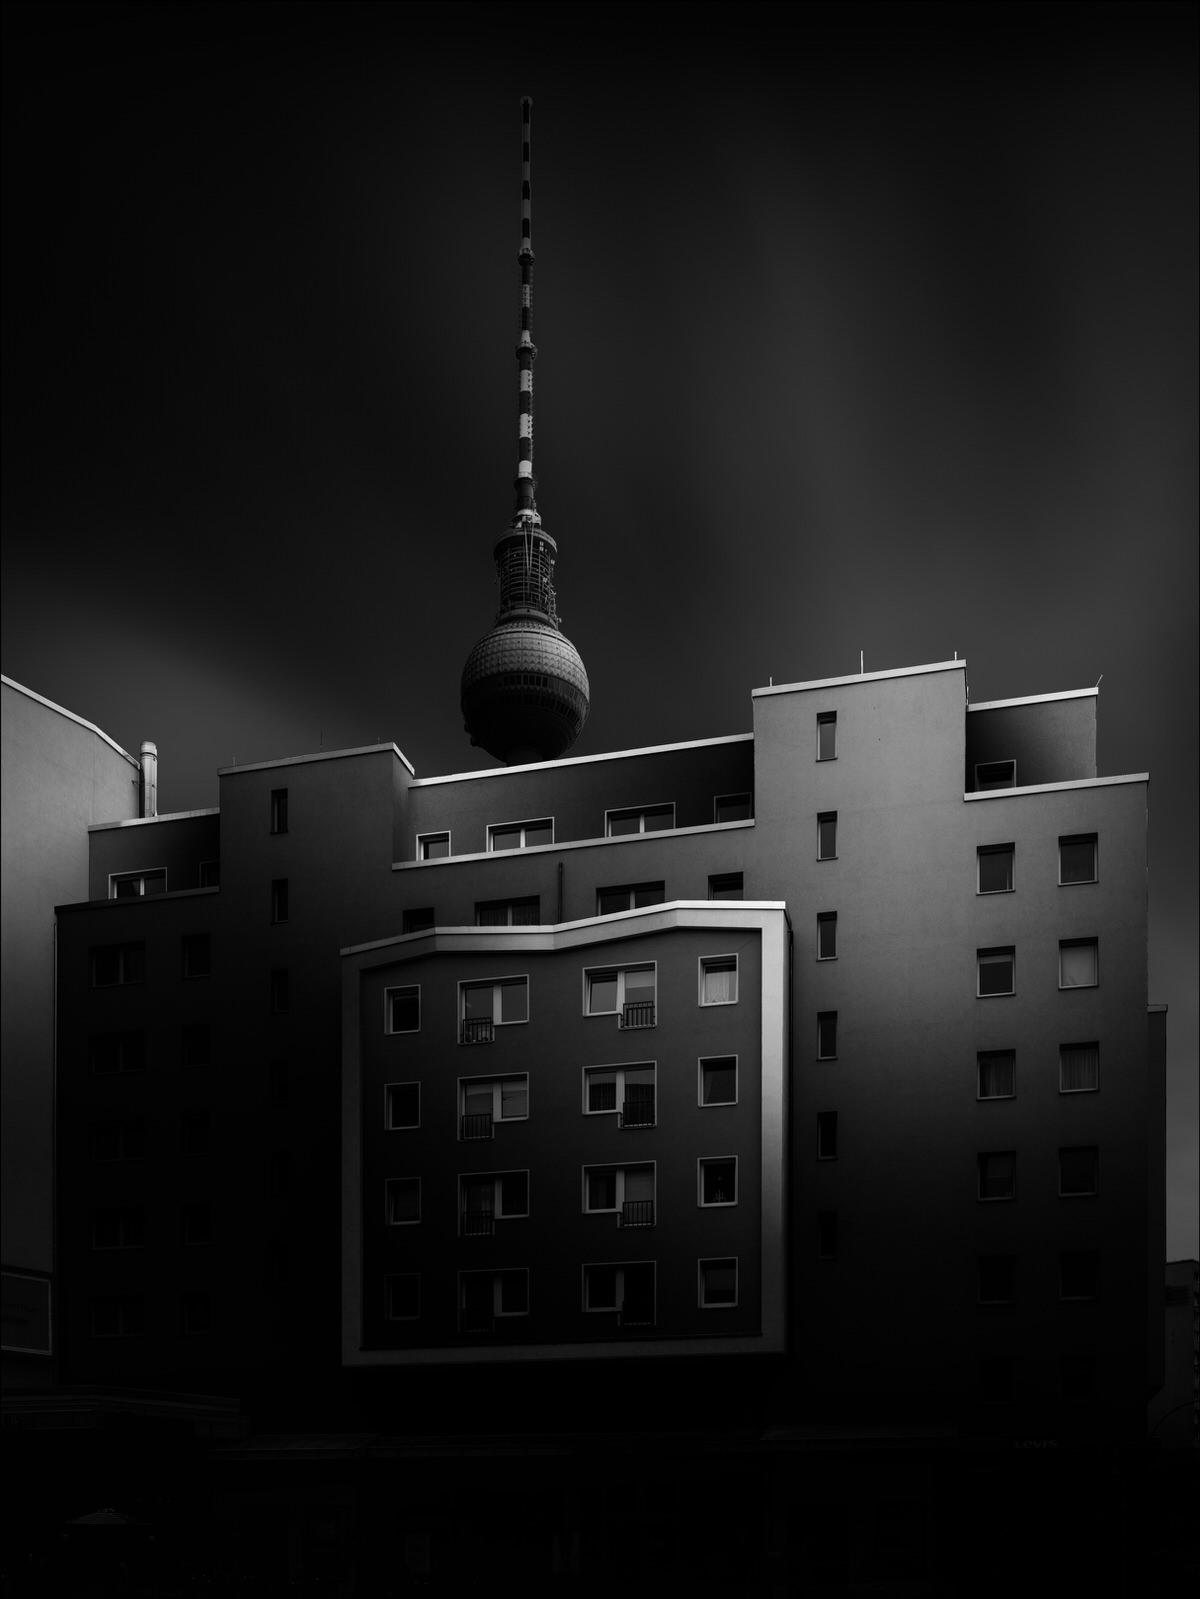 hausfassade mit dem berliner fernsehturm im hintergrund